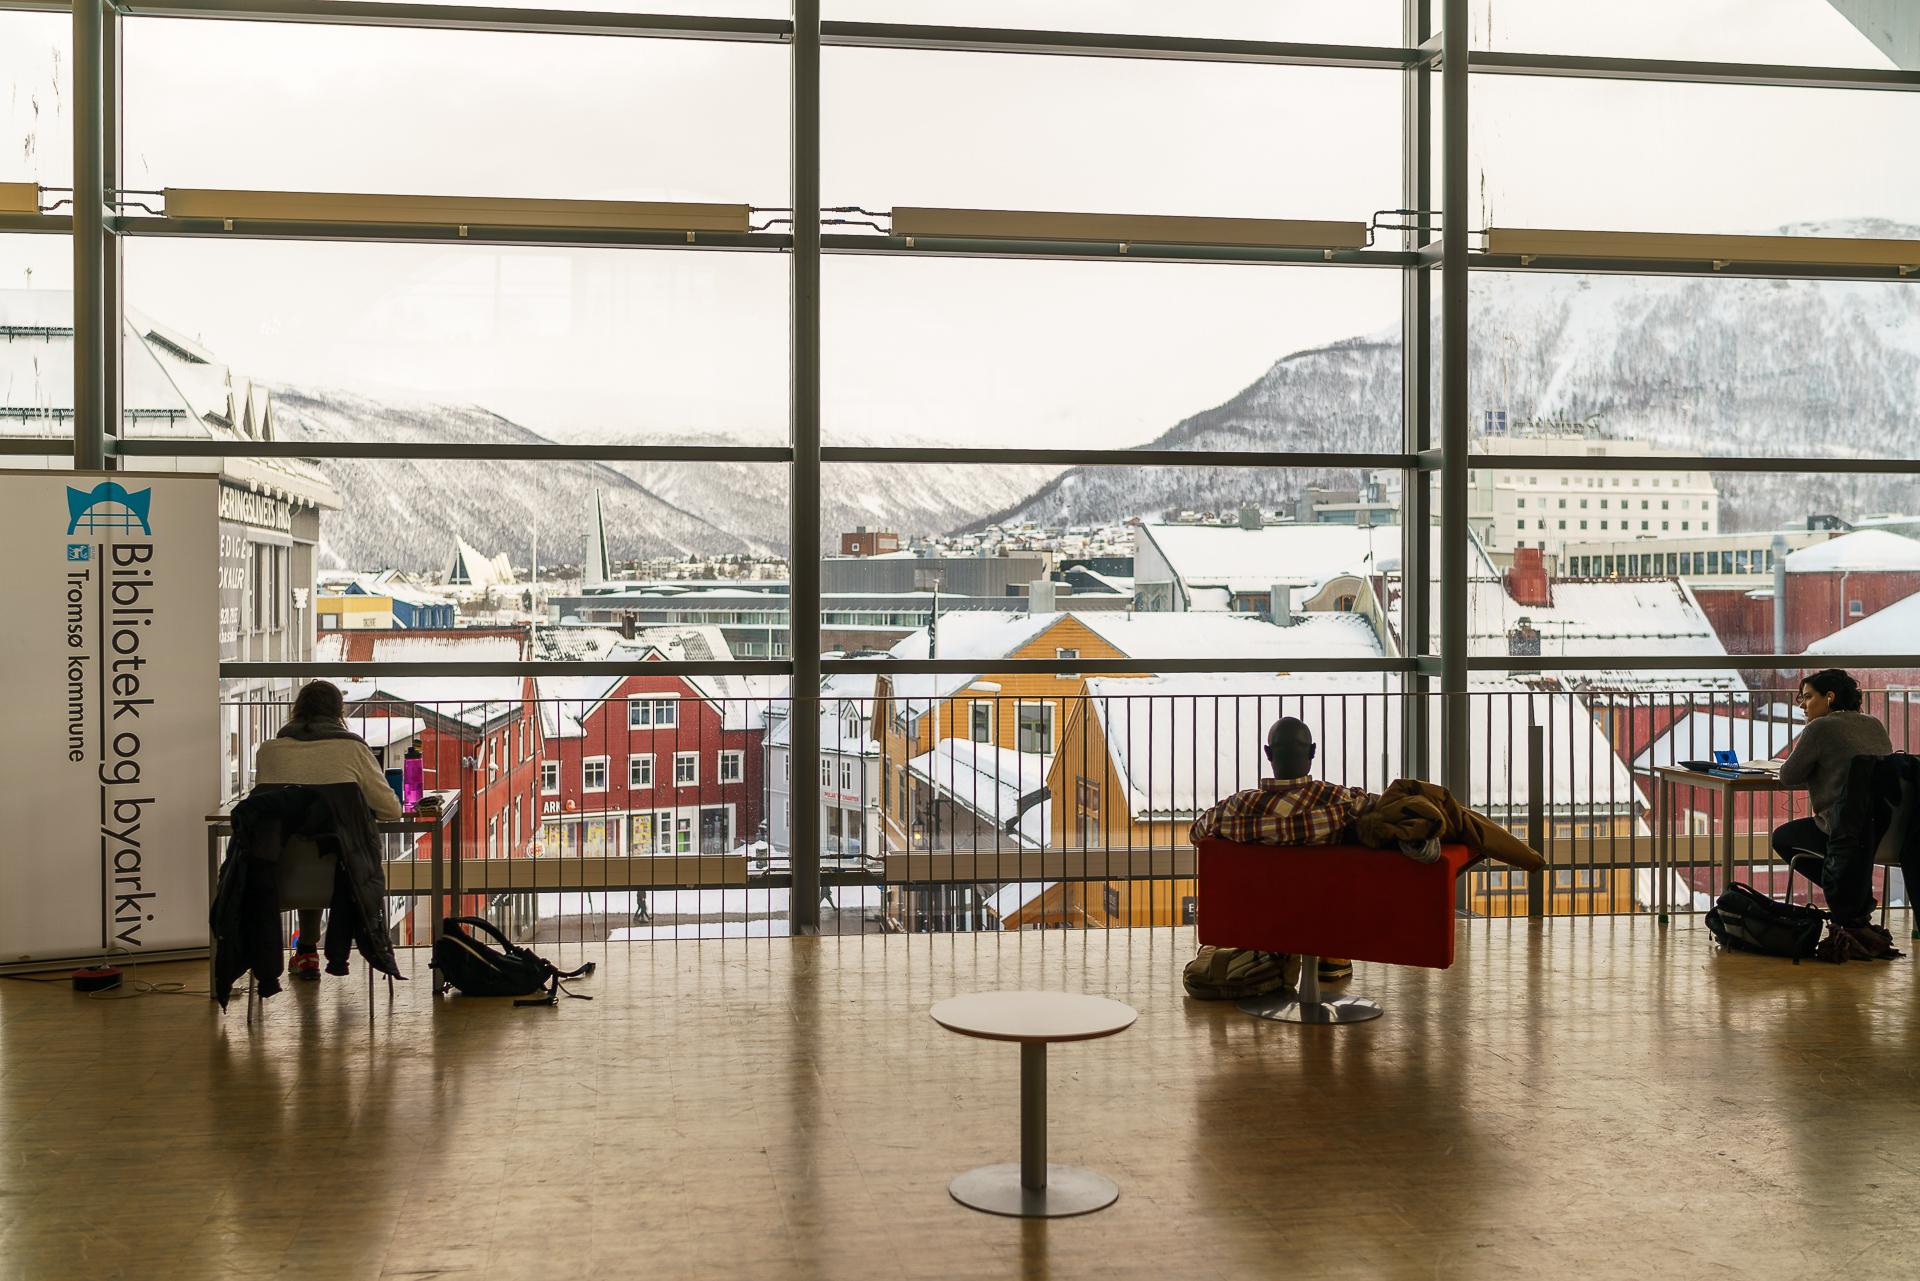 Bibliothek-Tromso-Architektur